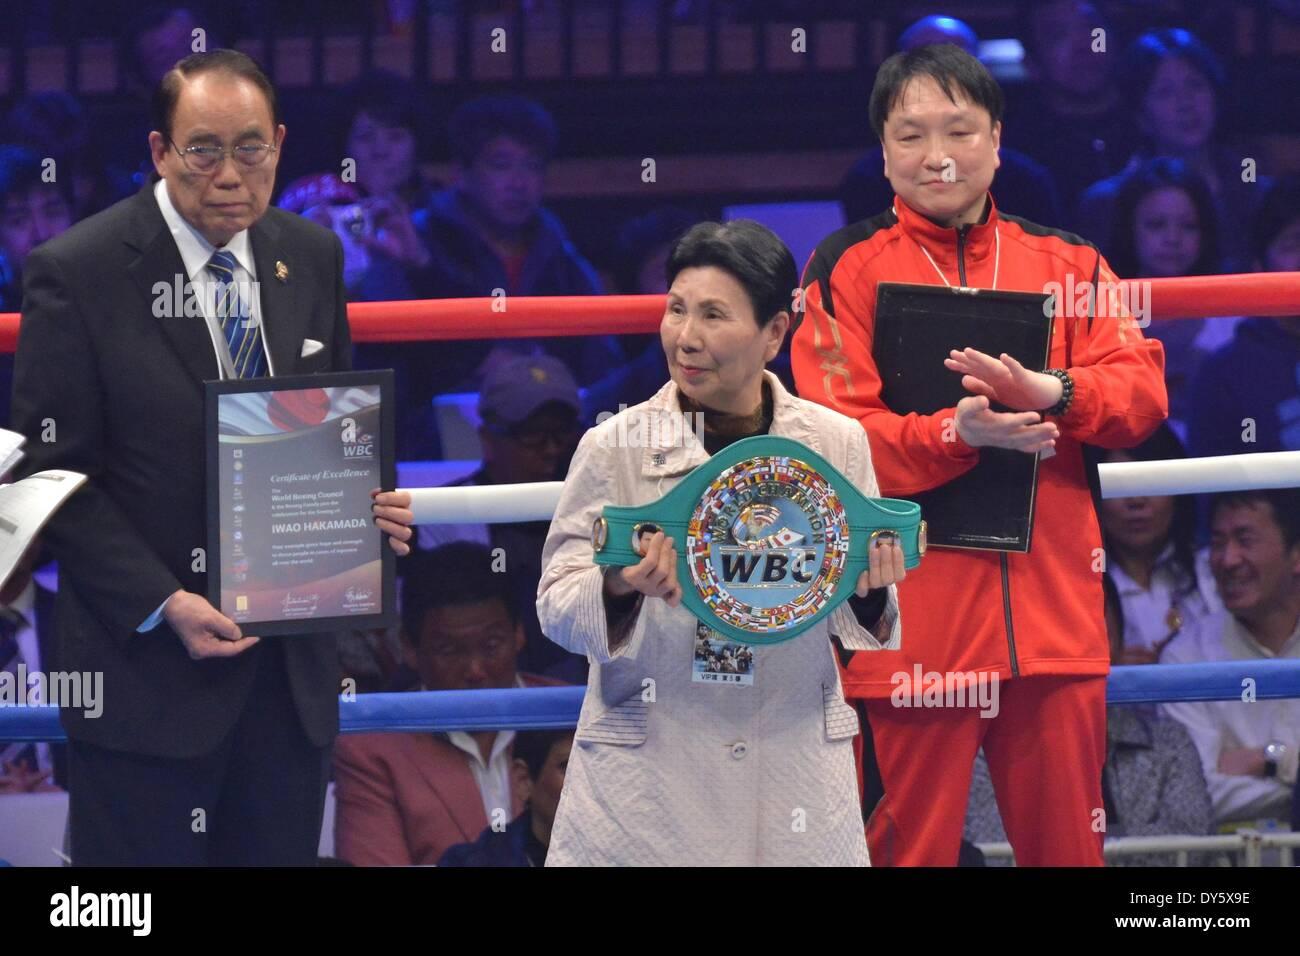 b7e1b653 World Boxing Council Stock Photos & World Boxing Council Stock ...